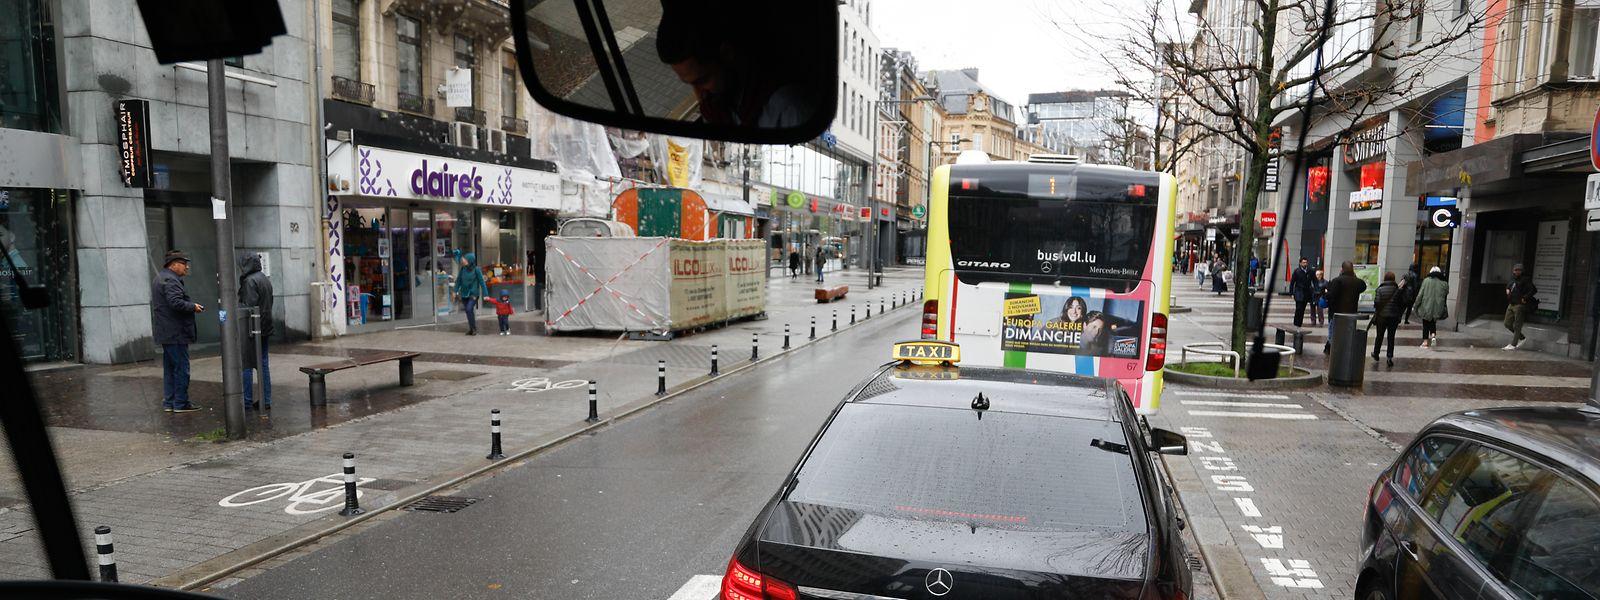 Même si la situation reste compliquée, la circulation a gagné quelques km/h aux abords de la place et du boulevard de la gare.